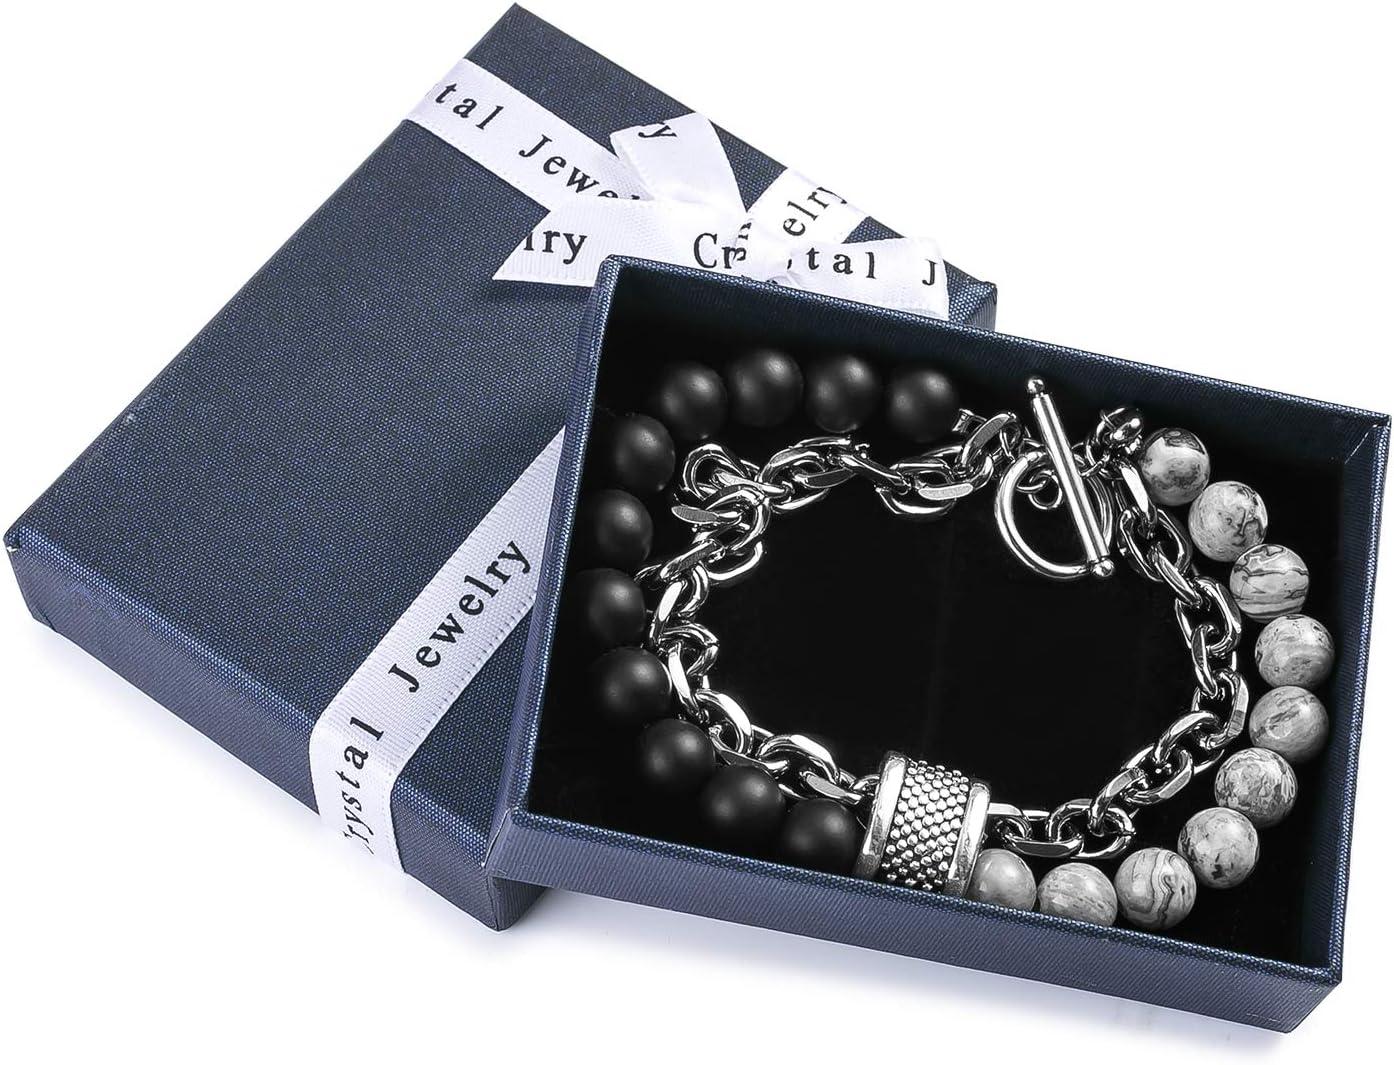 bracelets pour avec cartes en couches superpos/ées cha/înes en acier inoxydable argent/é,/élastique pour cadeaux damiti/é pr/éf/ér/és des gar/çons adolescen Bracelet homme noir mat en perles de pierre